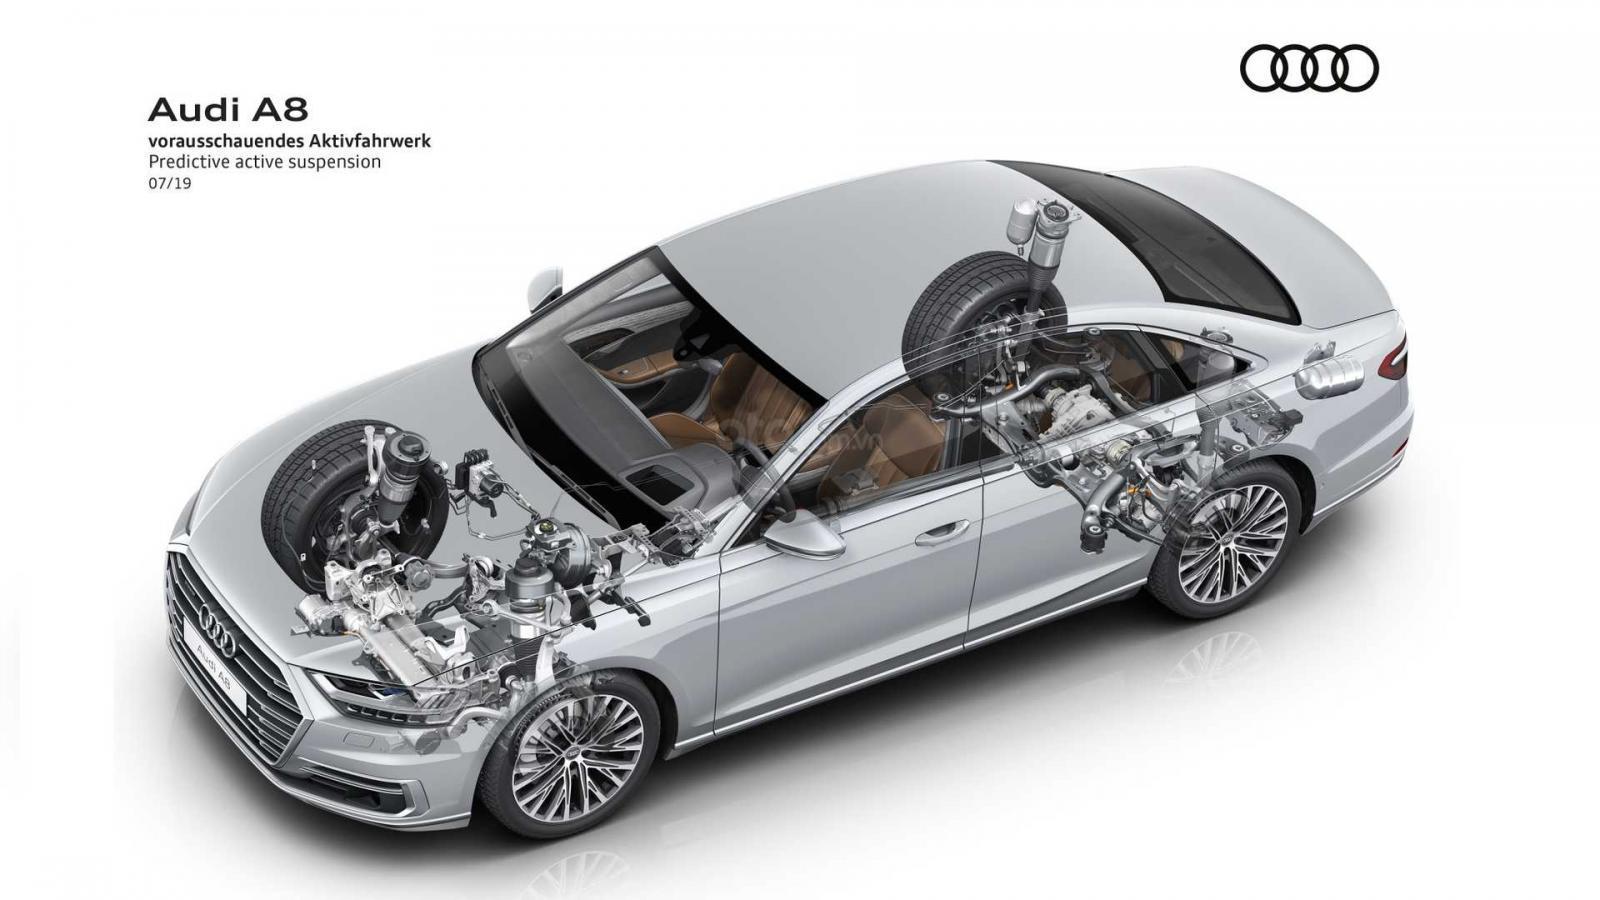 'Soi' hệ thống treo thông minh giúp hạn chế tình trạng lật xe trên Audi A8